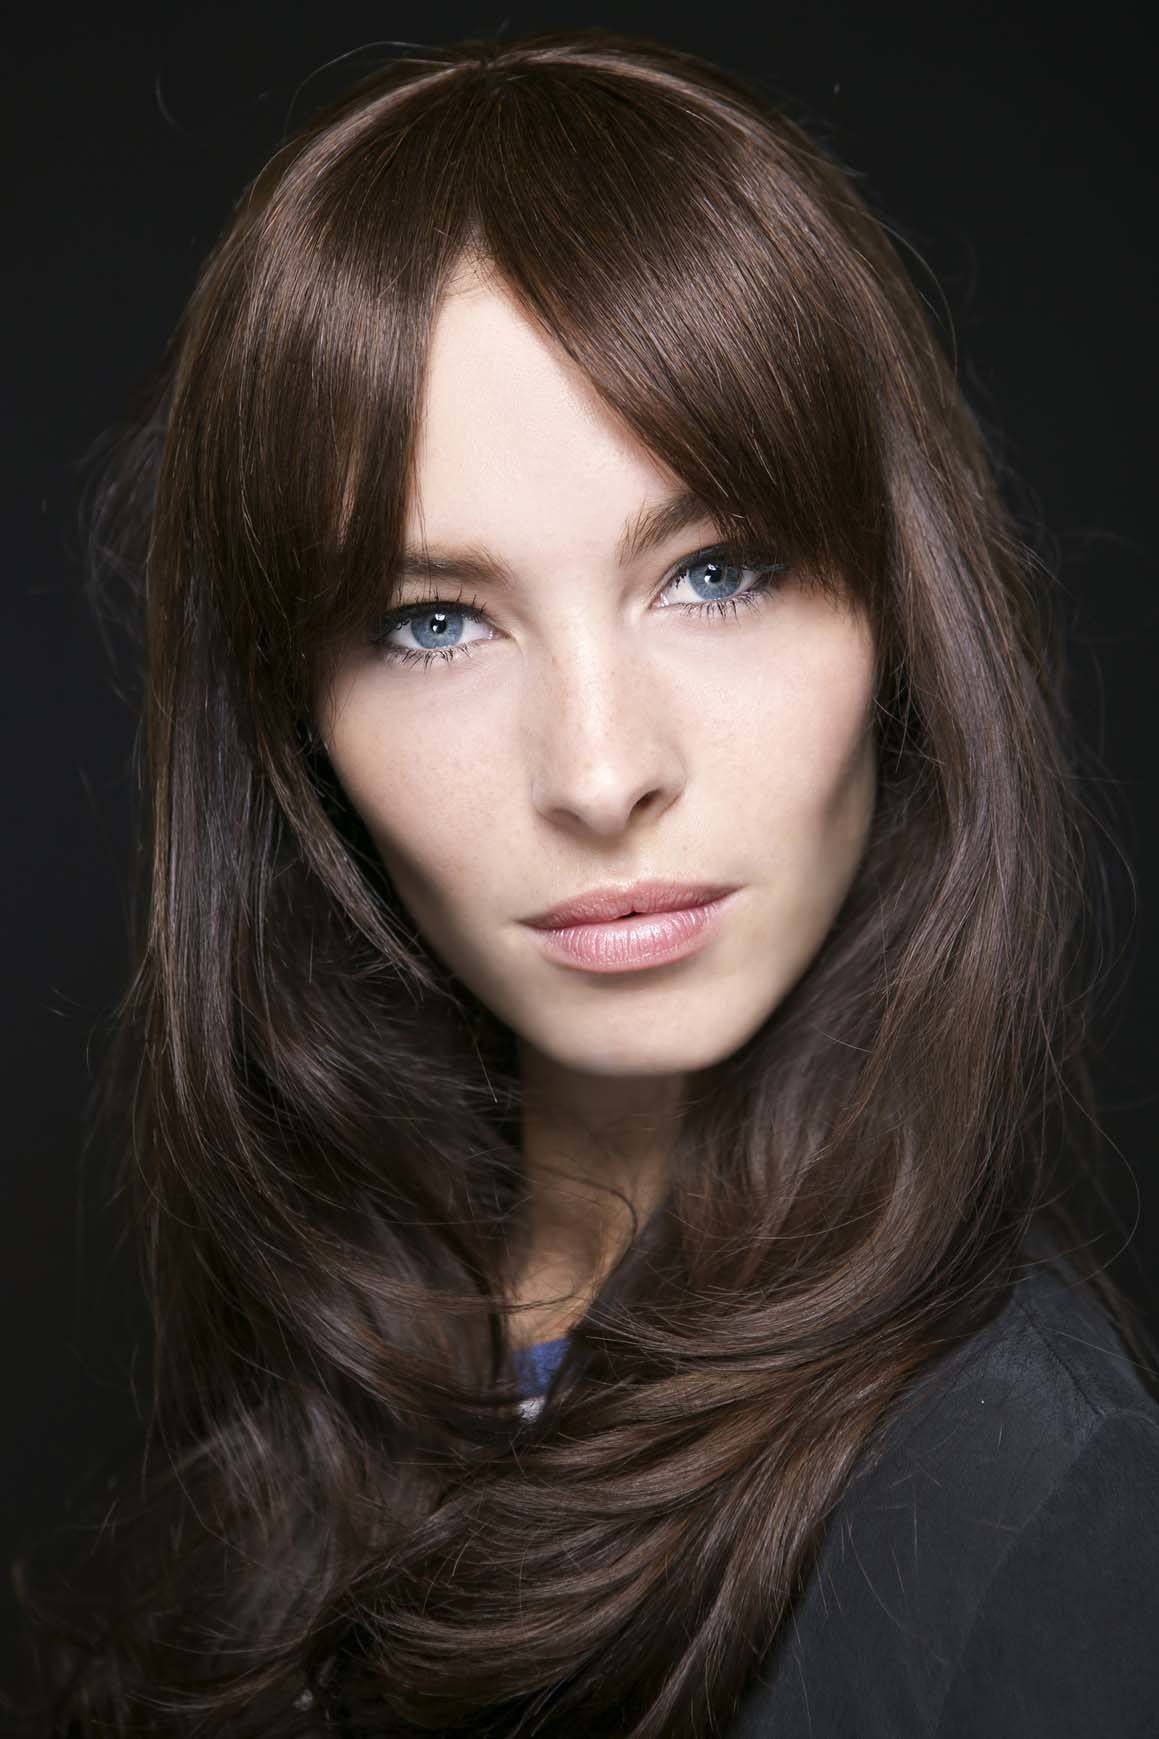 Rambut panjang tebal warna dark brown